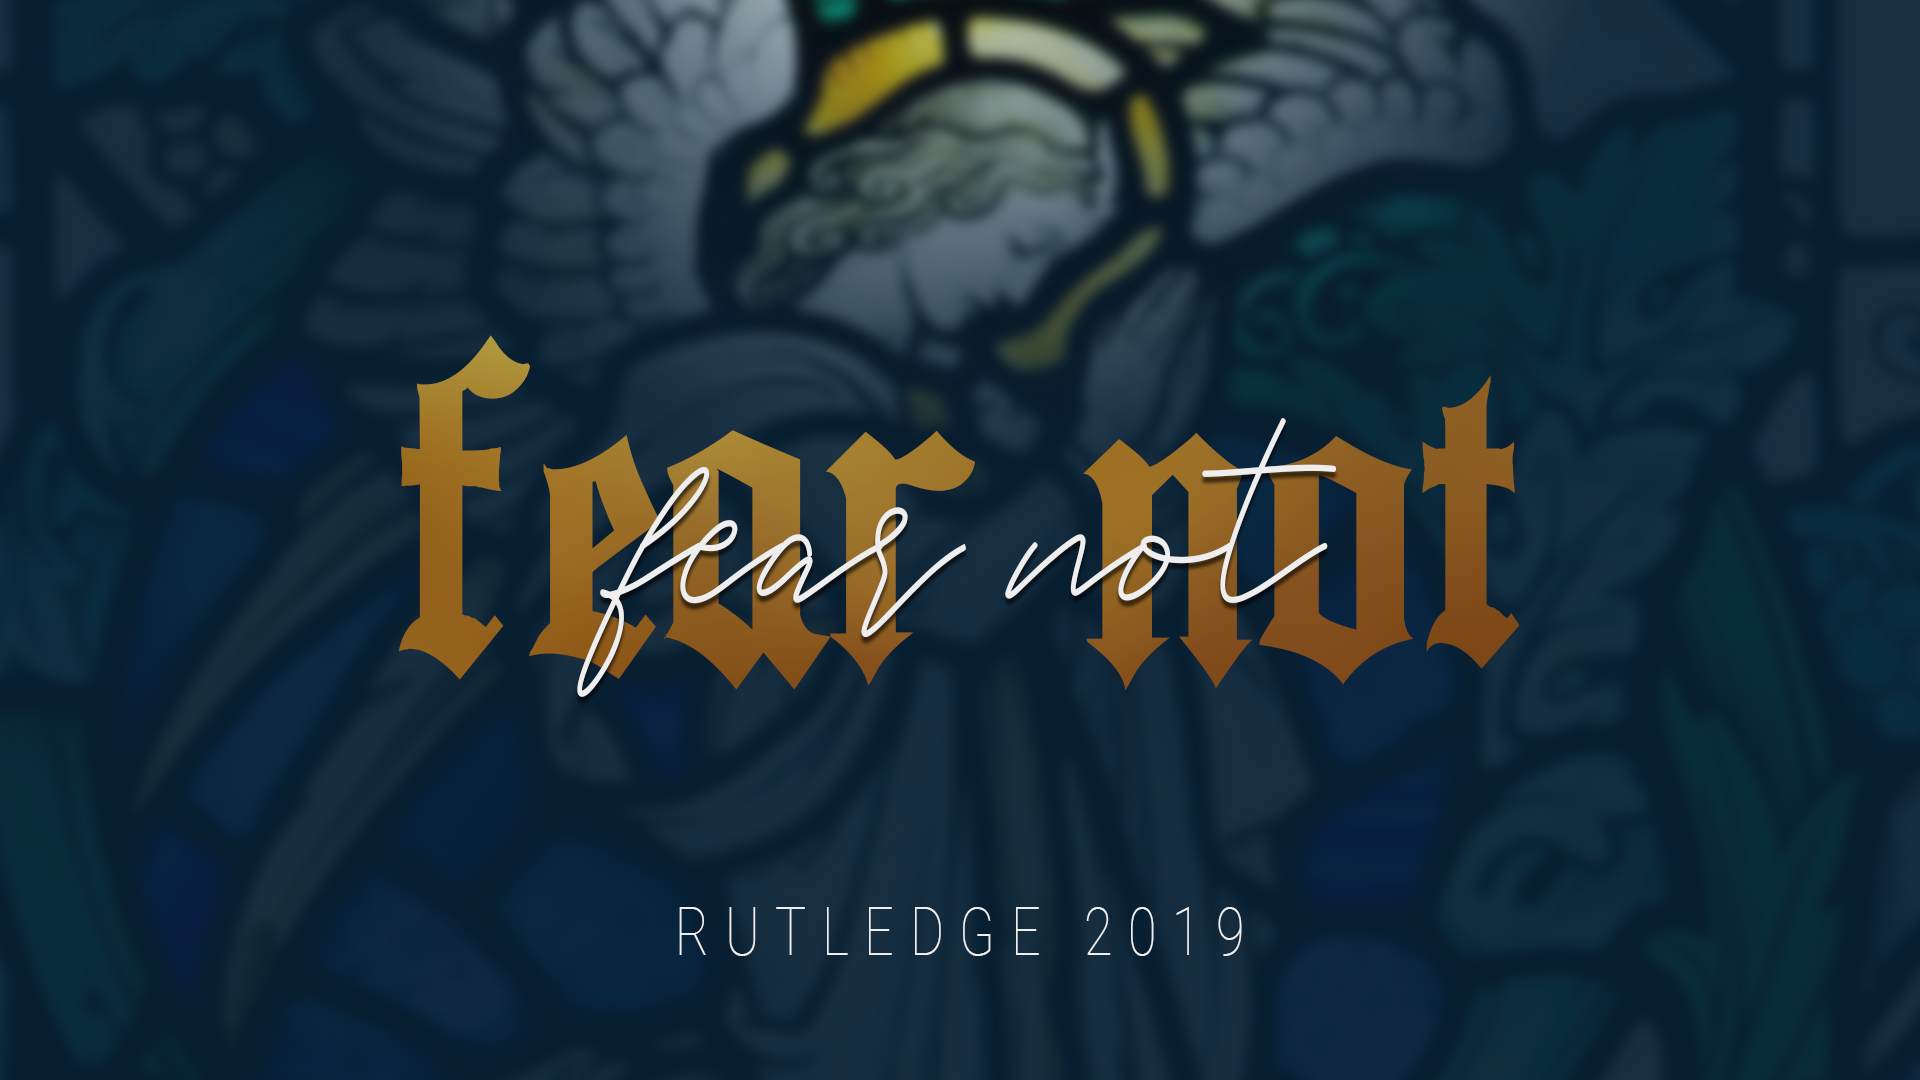 Rutledge+2019+v3.png